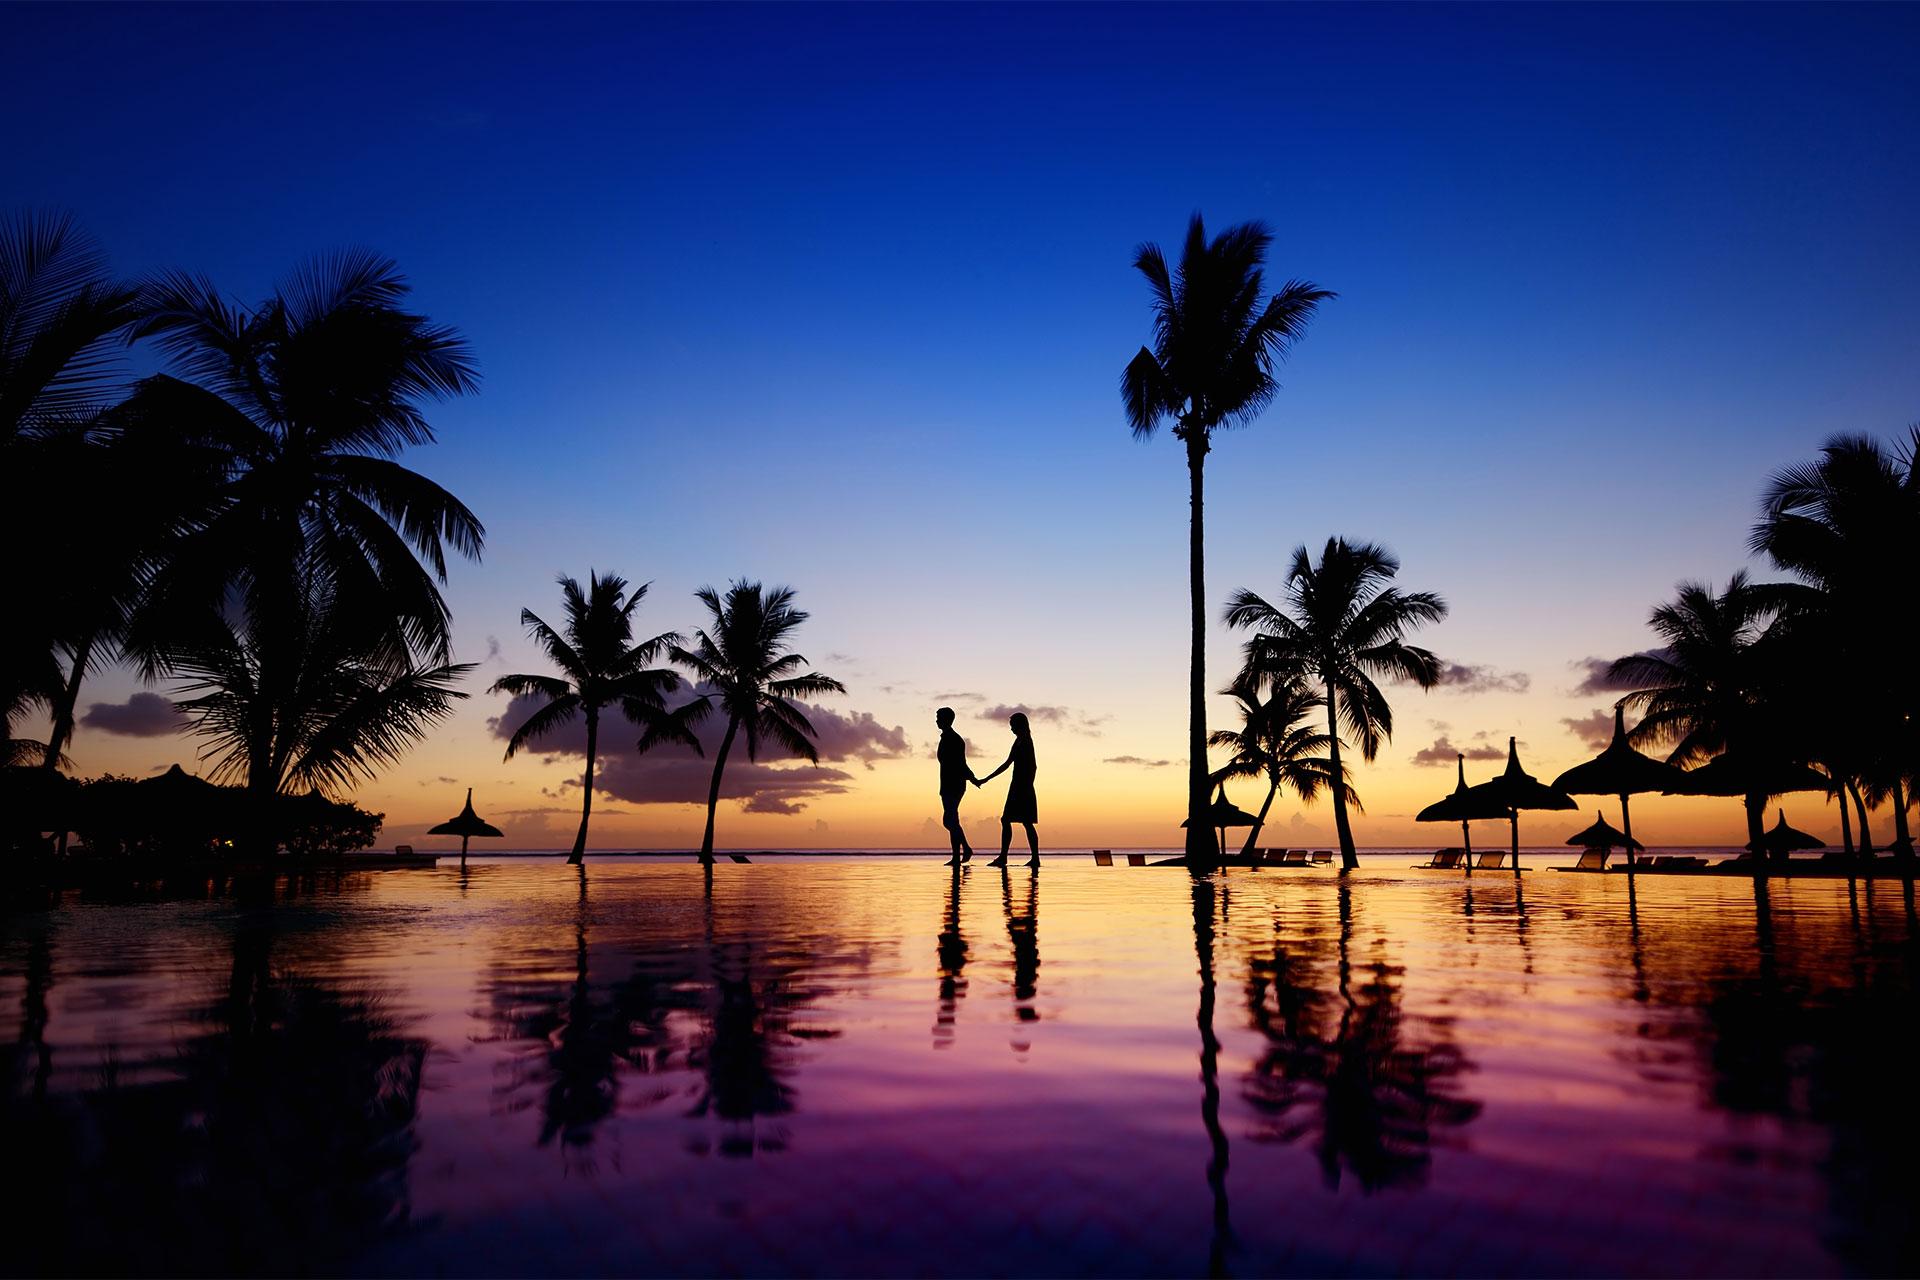 Sejur plaja Punta Cana, Republica Dominicana, 11 zile - 18 august 2021